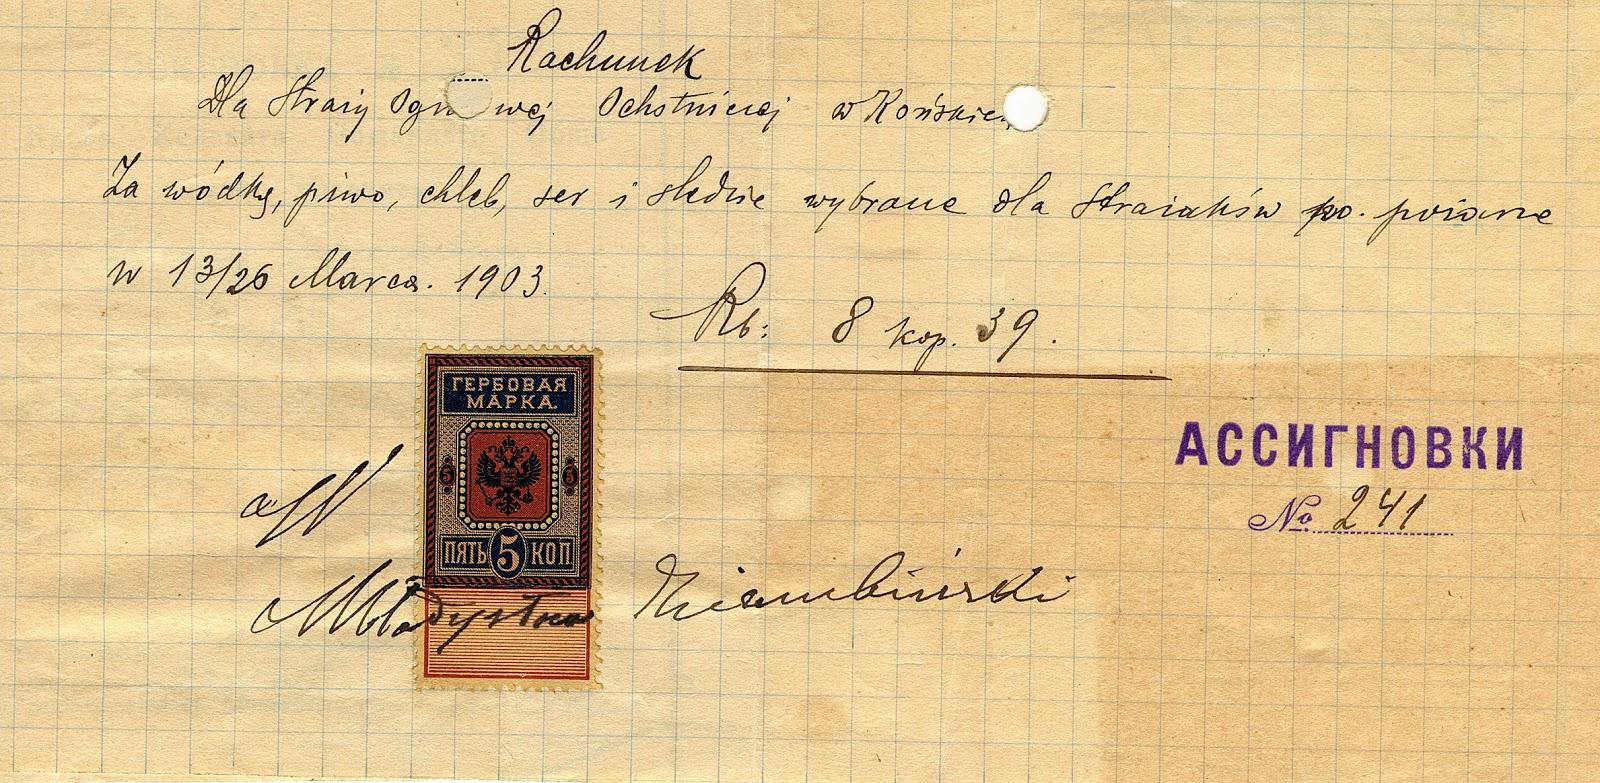 Ciekawa grupa rachunków za biesiady strażaków po: ...pracy gaszenia pożaru… - 1903 rok. Proszę zwrócić uwagę na pozycję - śledzie pocztowe. Dokumenty w zbiorach KW.